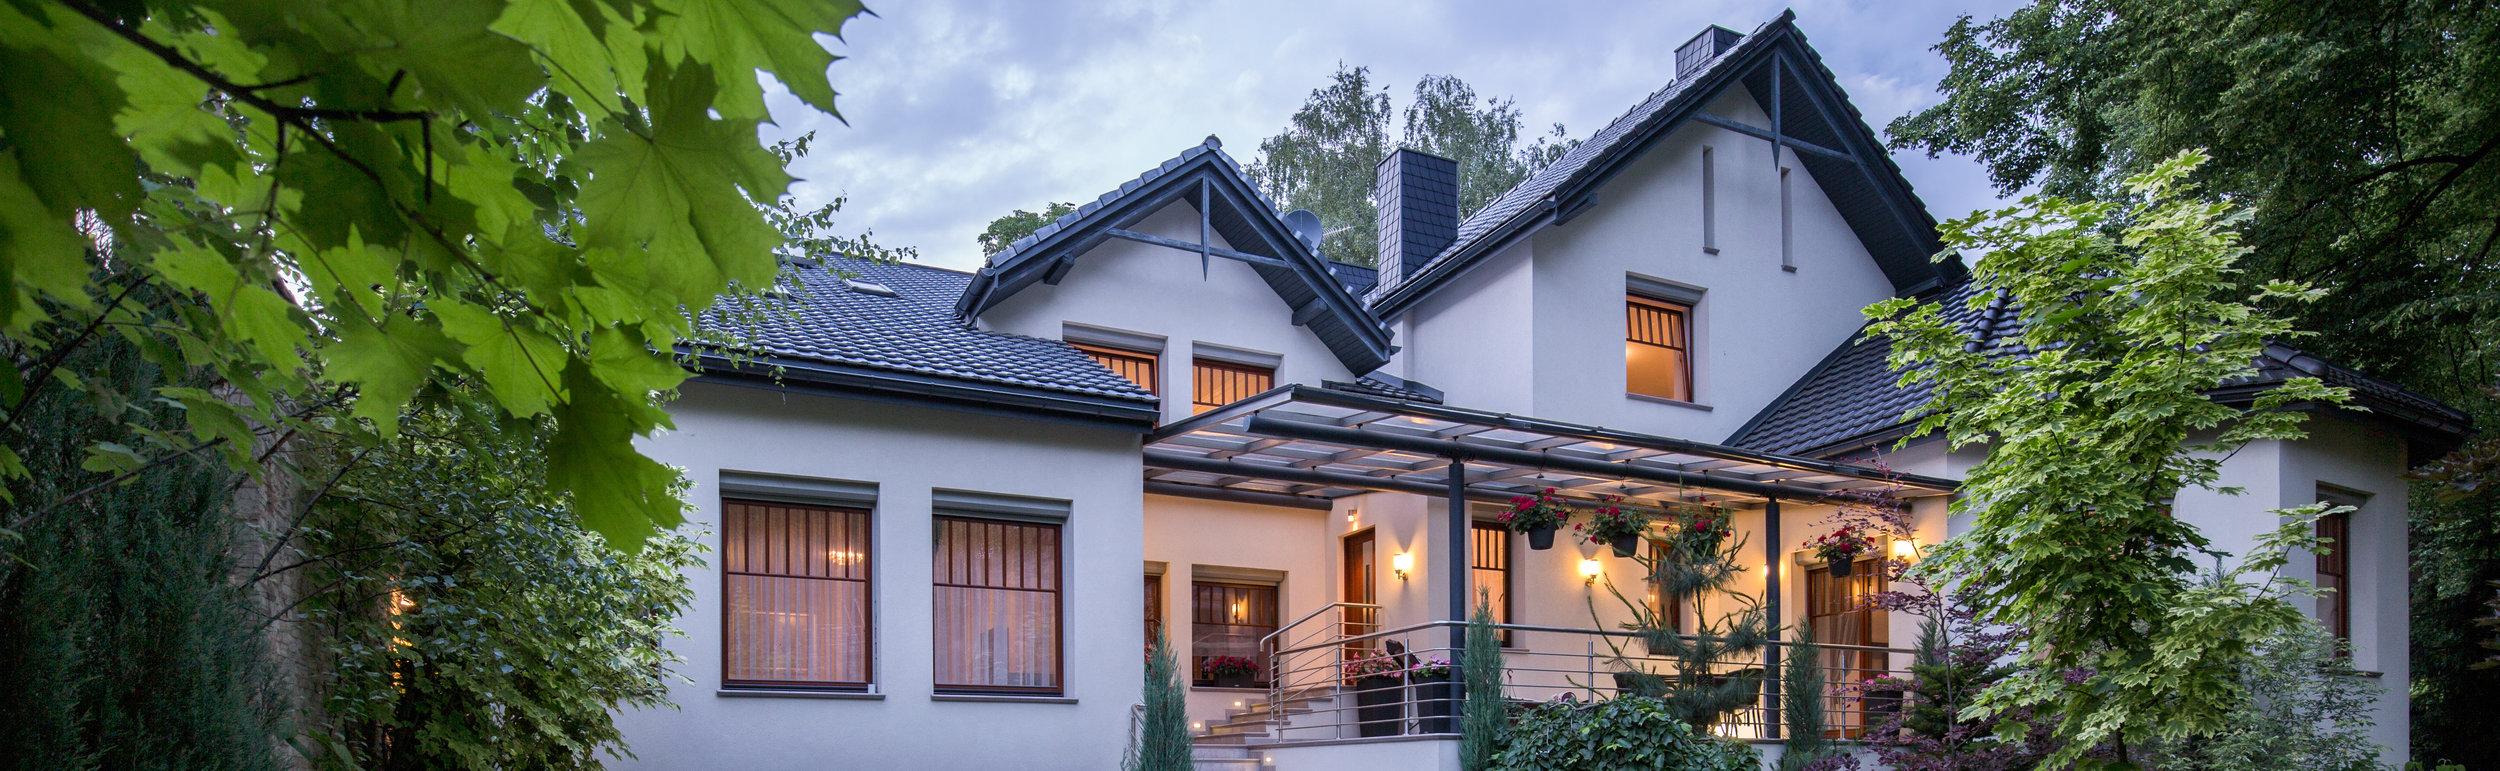 din opplysningsplikt ved salg av bolig